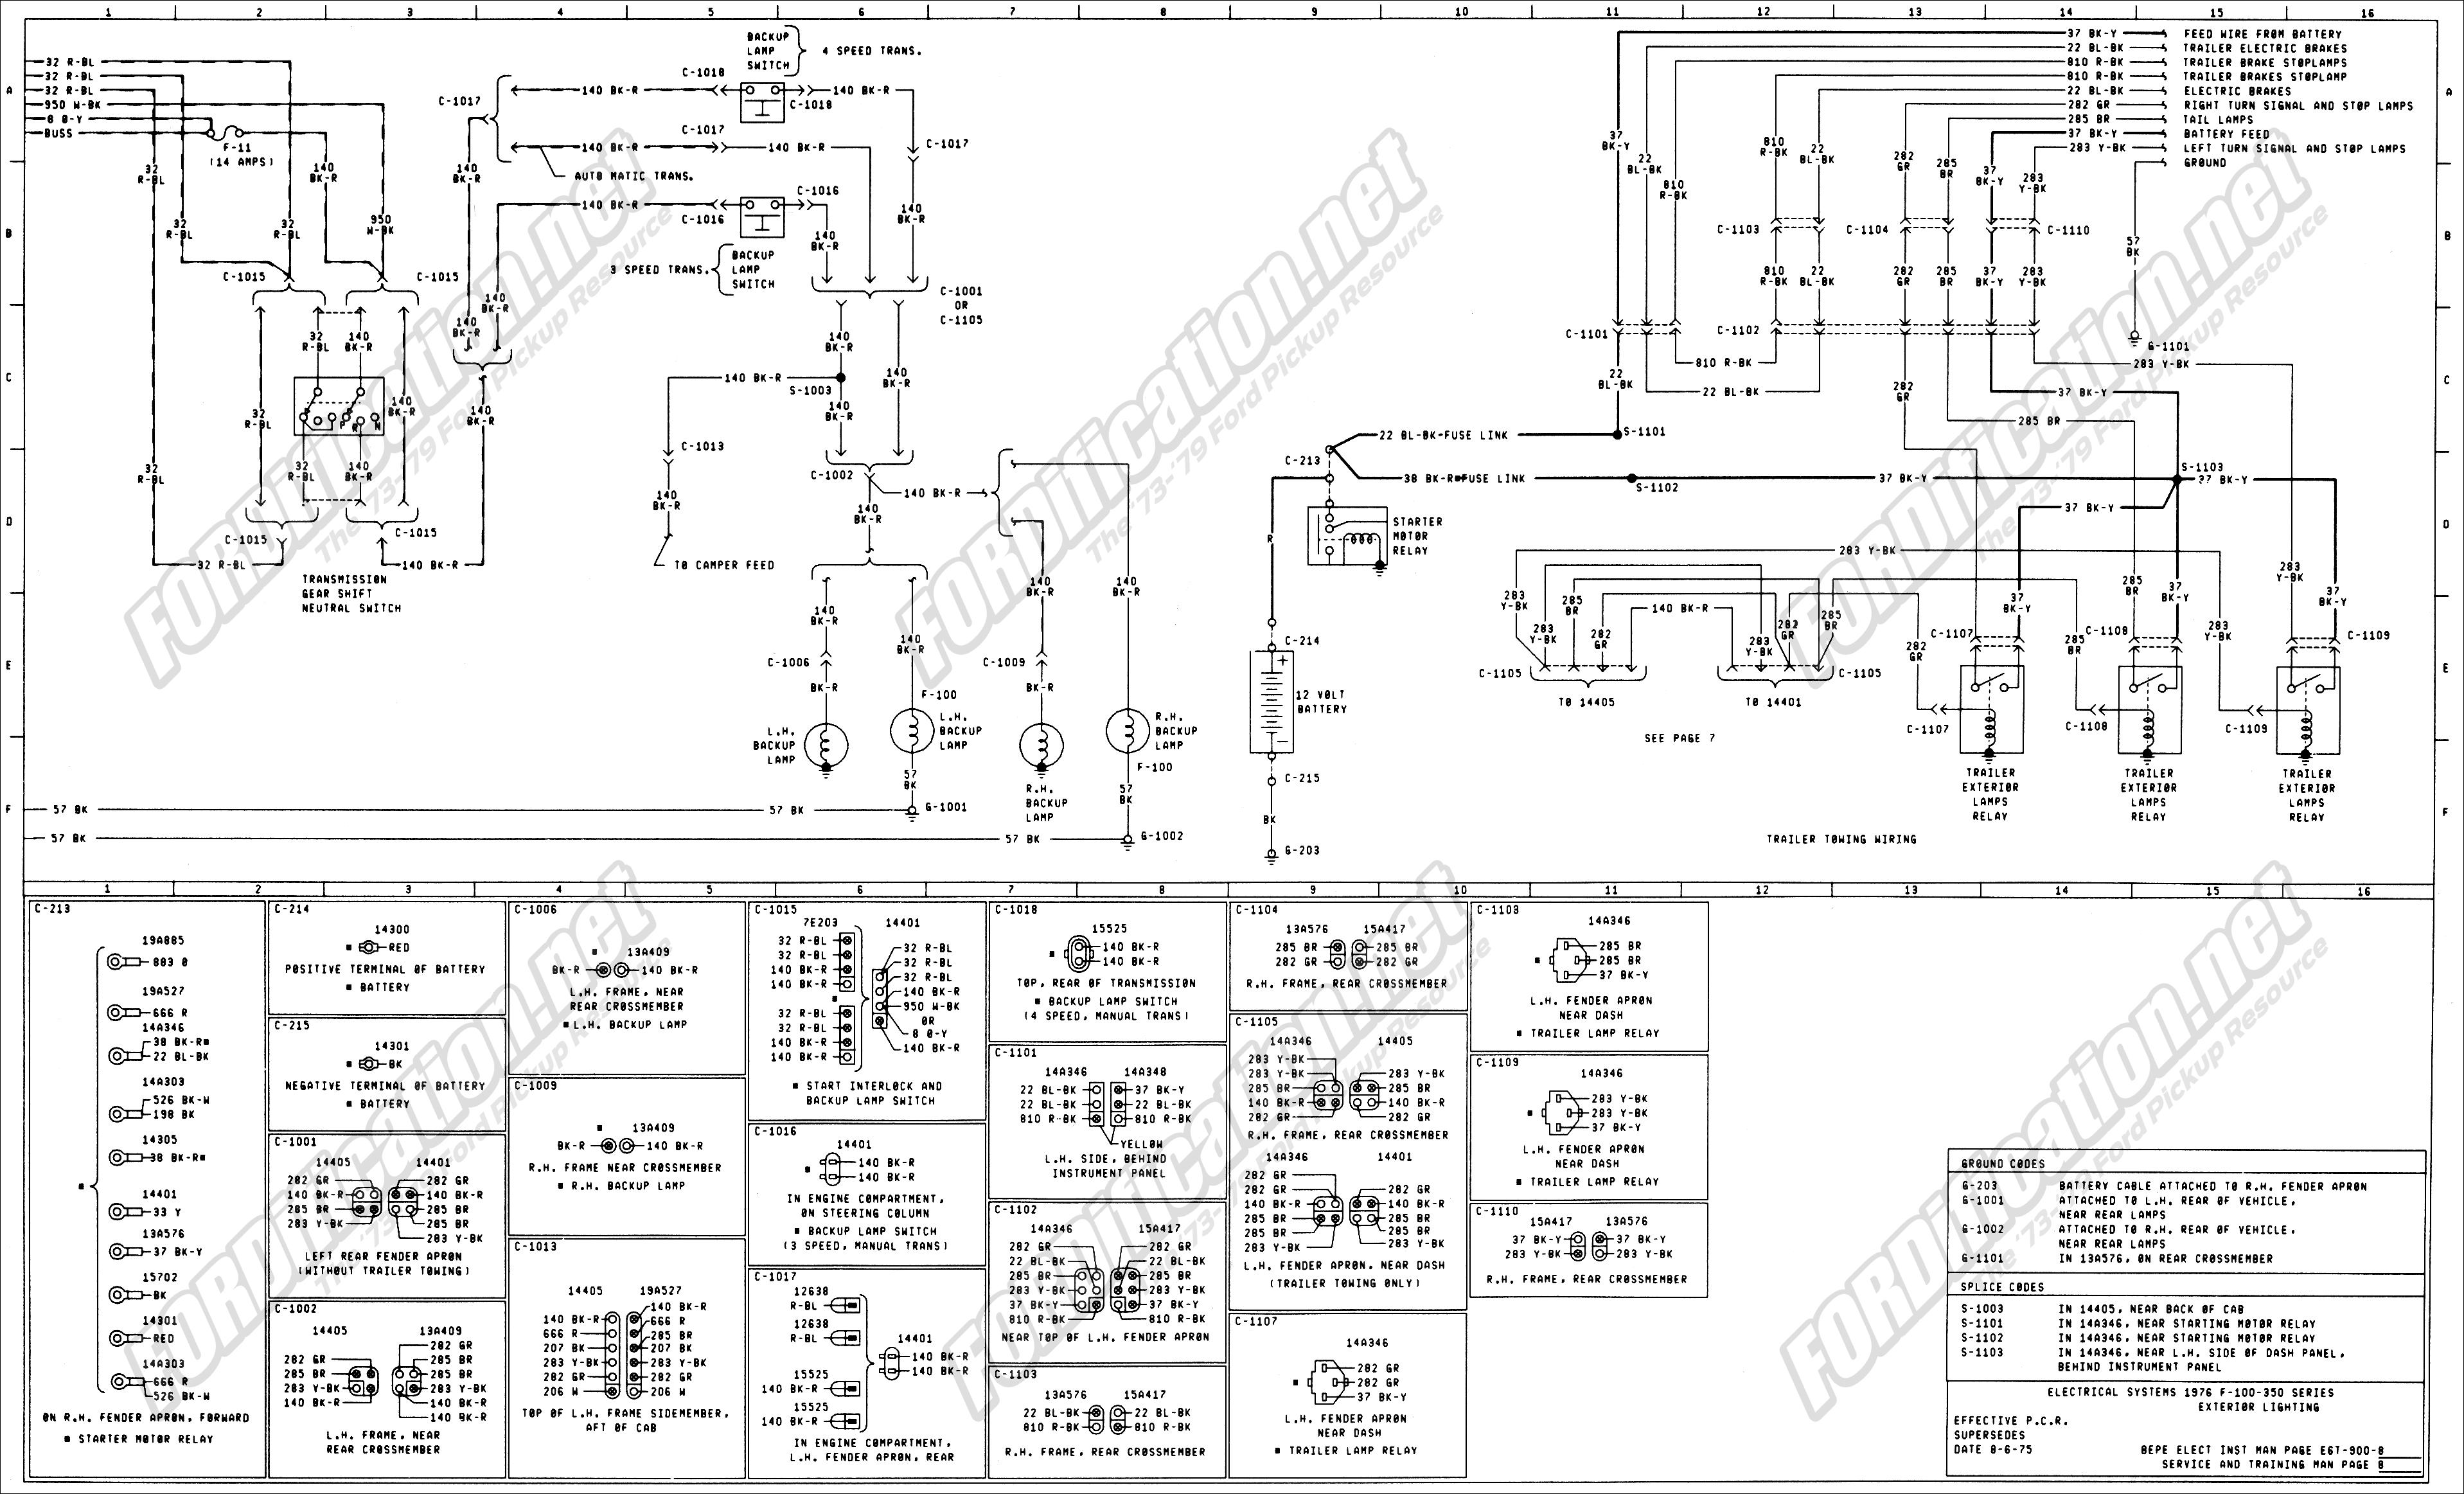 76 trans am wiring diagram wiring diagram and schematics